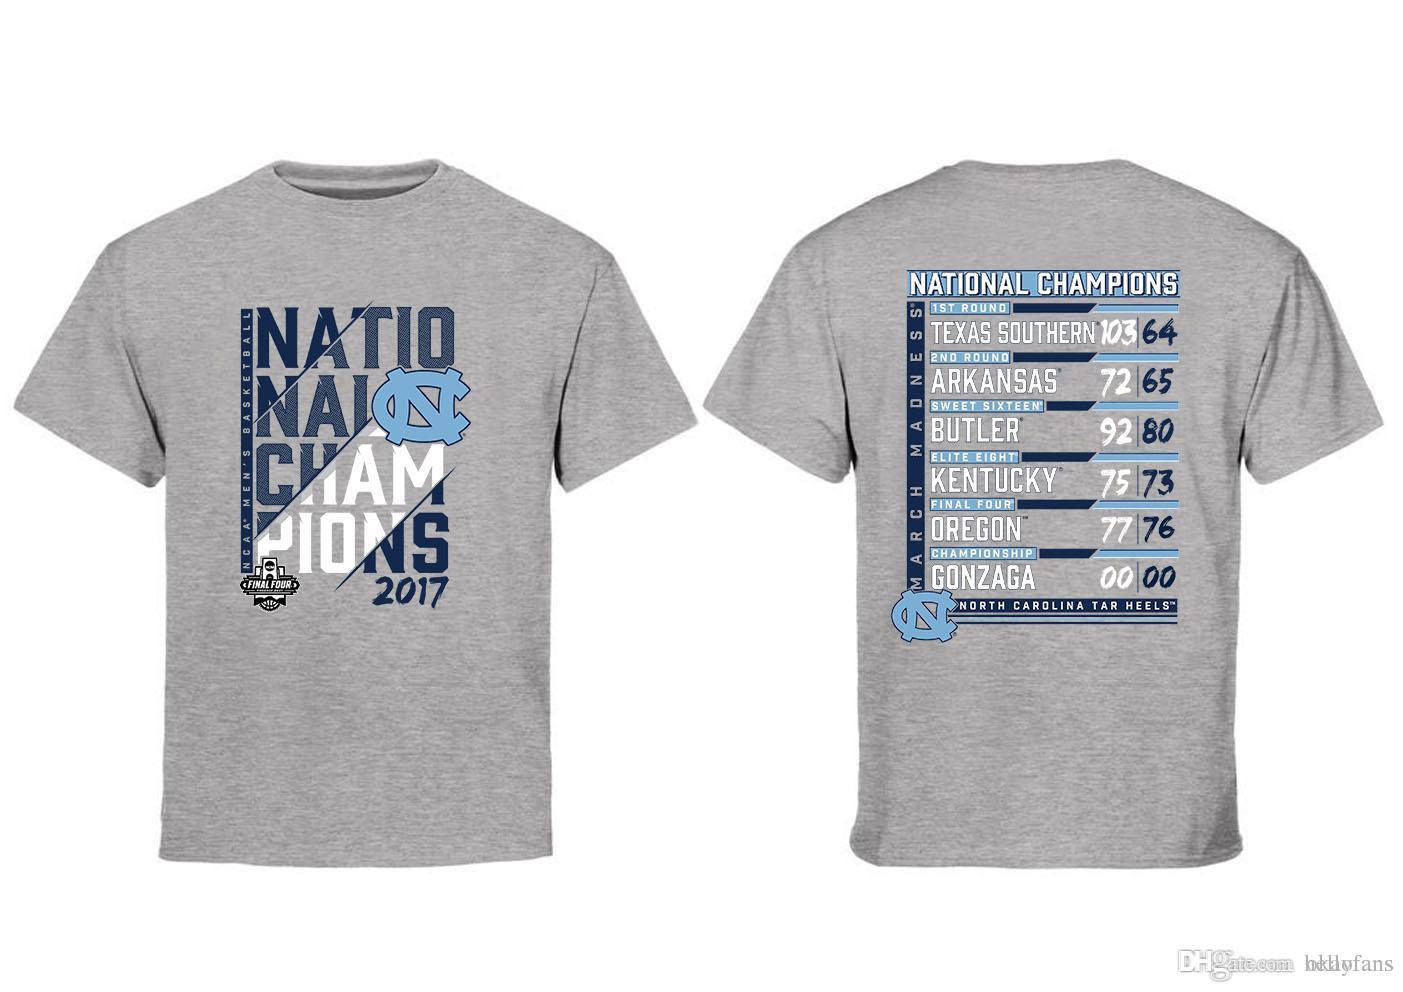 NCAA North Carolina T SHIRT 2017 Men'S Basketball National ...